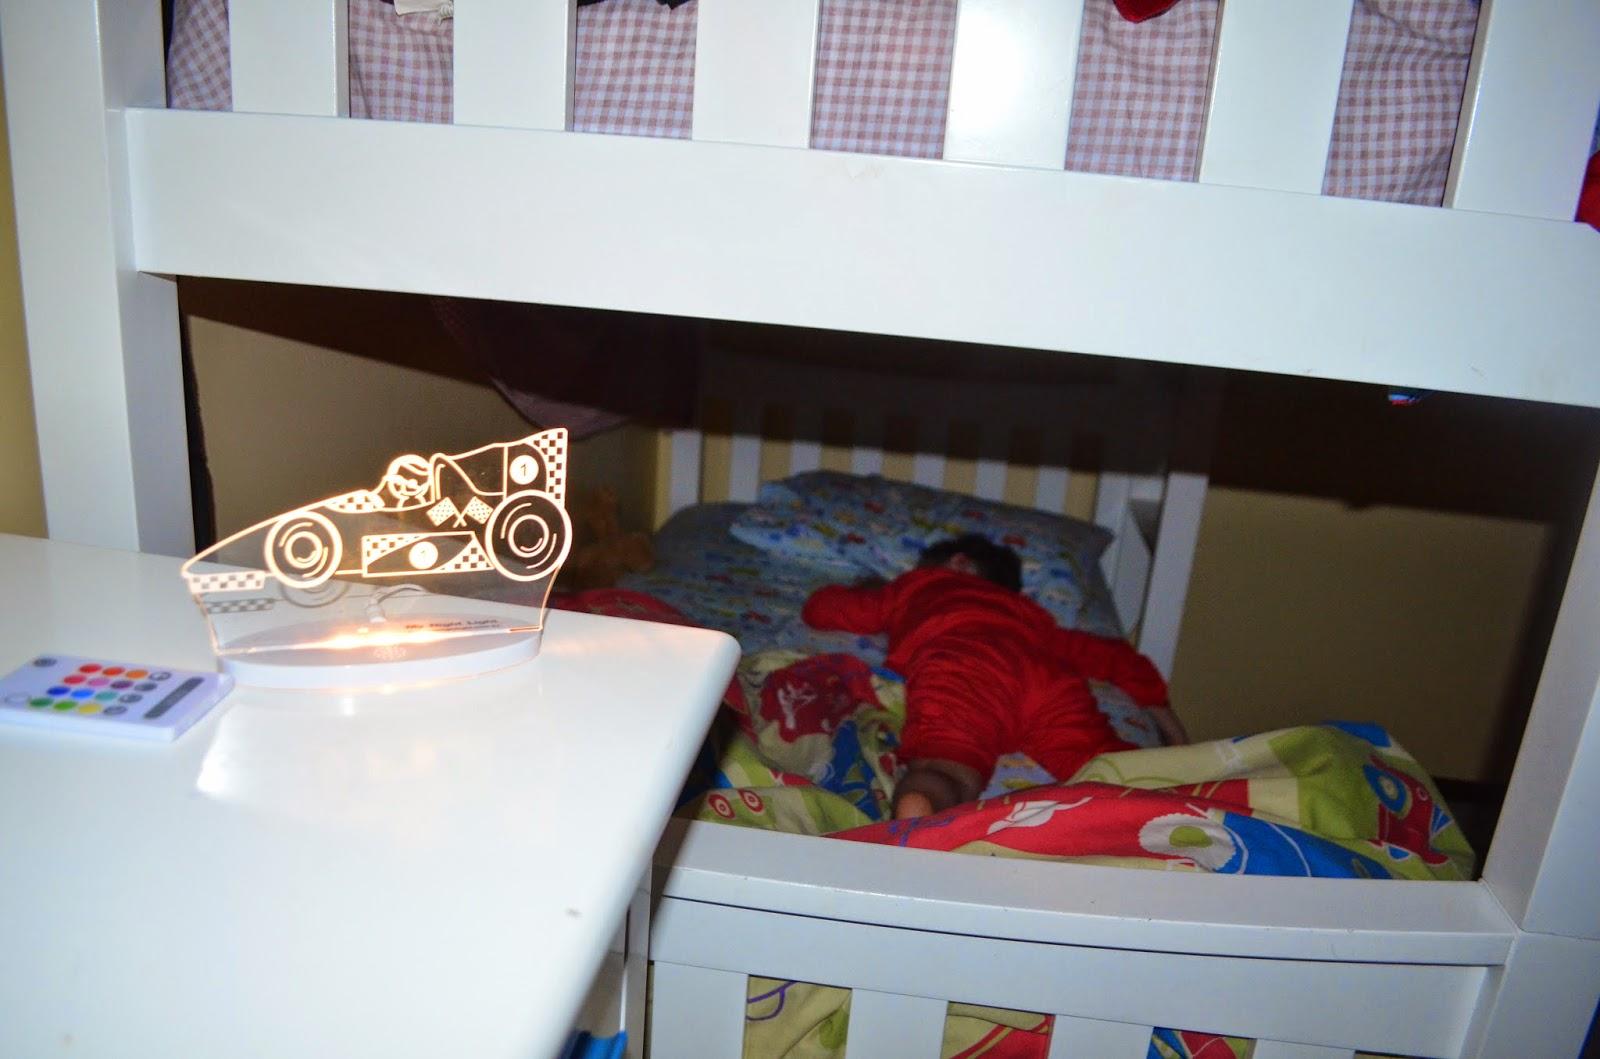 My Night Light sleeping child